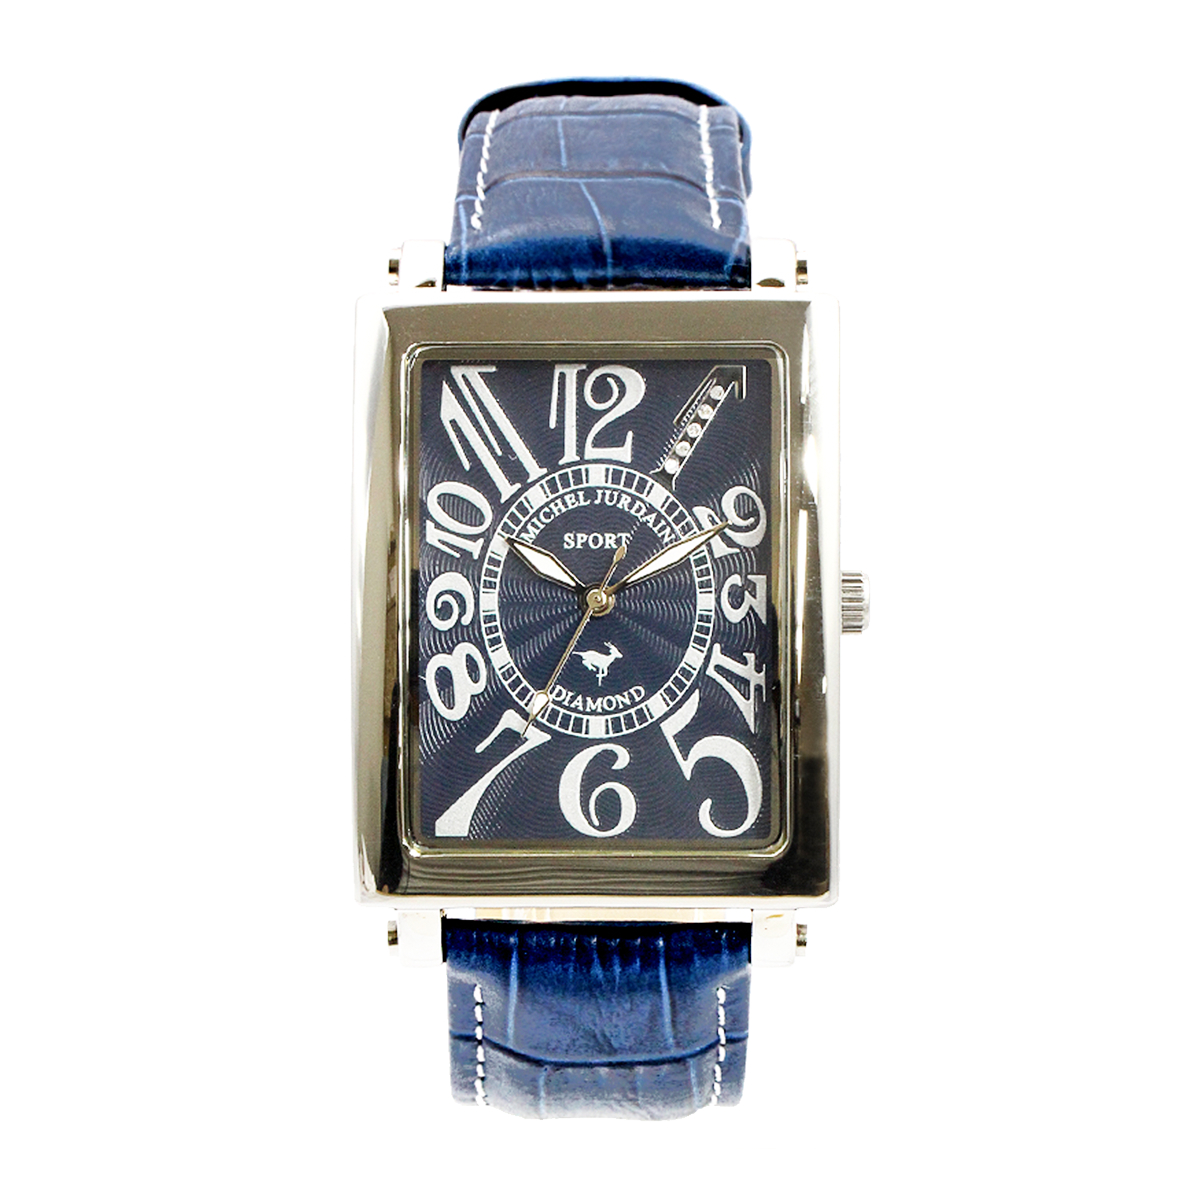 ミッシェル・ジョルダン MICHEL JURDAIN SPORTダイヤモンド SG-3000-8 ユニセックス 時計 腕時計 クオーツ